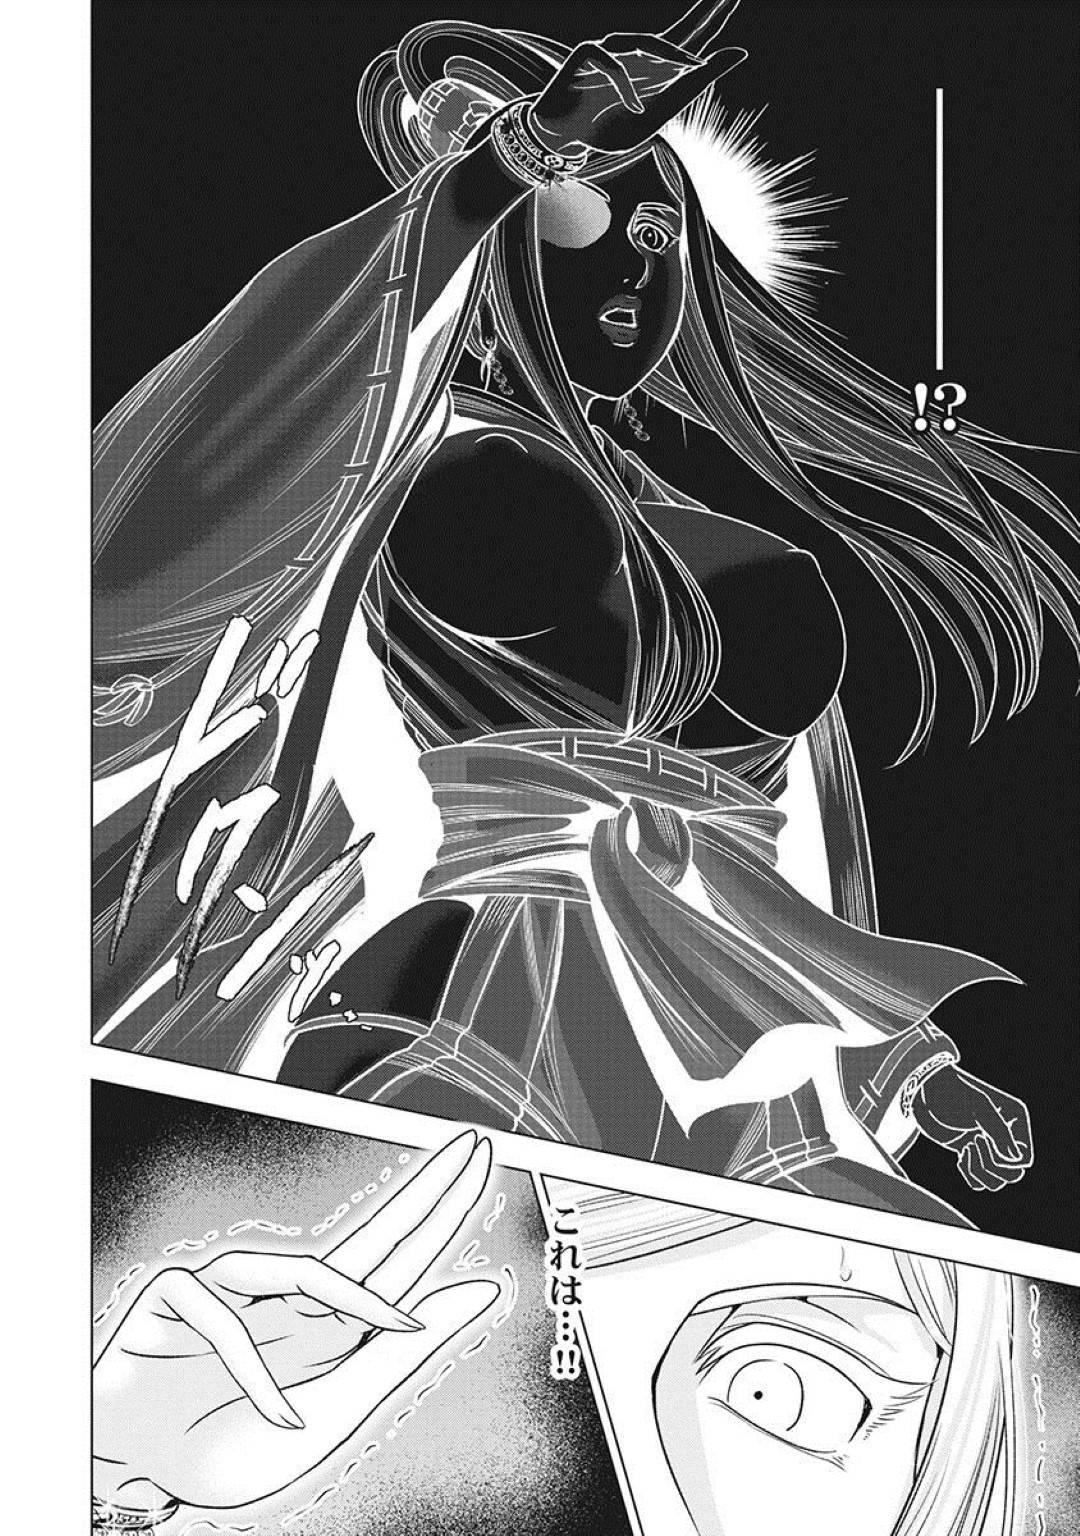 【エロ漫画】分身を使った術の間に唱え術によって身体が動かなくなってしまった巨乳巫女…さらに暗示によって感度を上げられ快楽が押し寄せる!【大杉ゆきひろ】